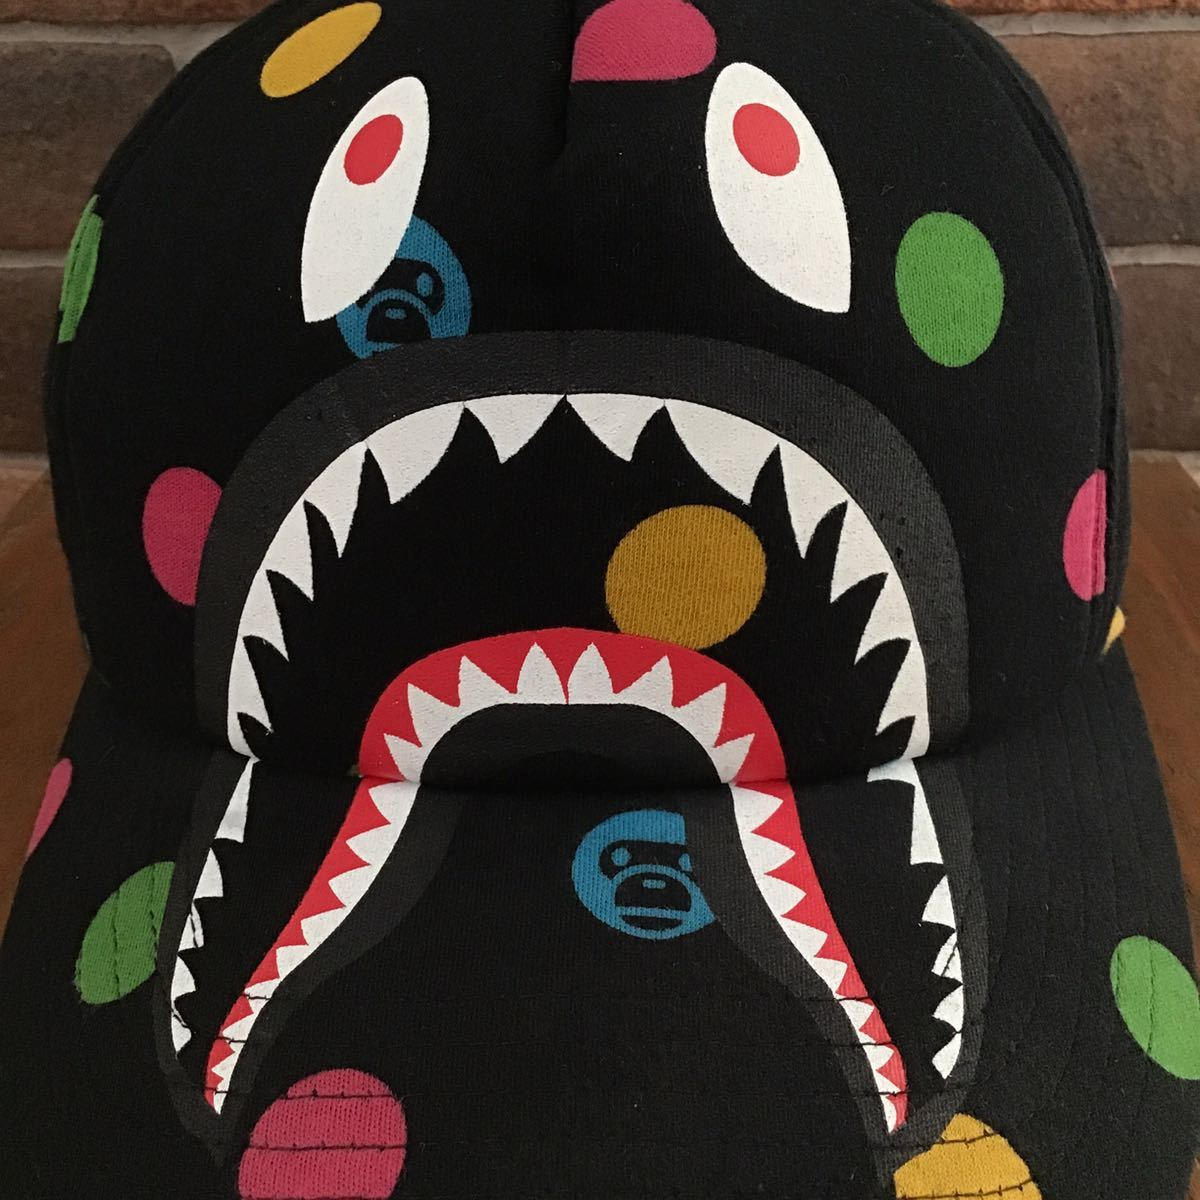 ドット マイロ シャーク スナップバック キャップ a bathing ape BAPE shark trucker hat cap DOT milo エイプ ベイプ アベイシングエイプ